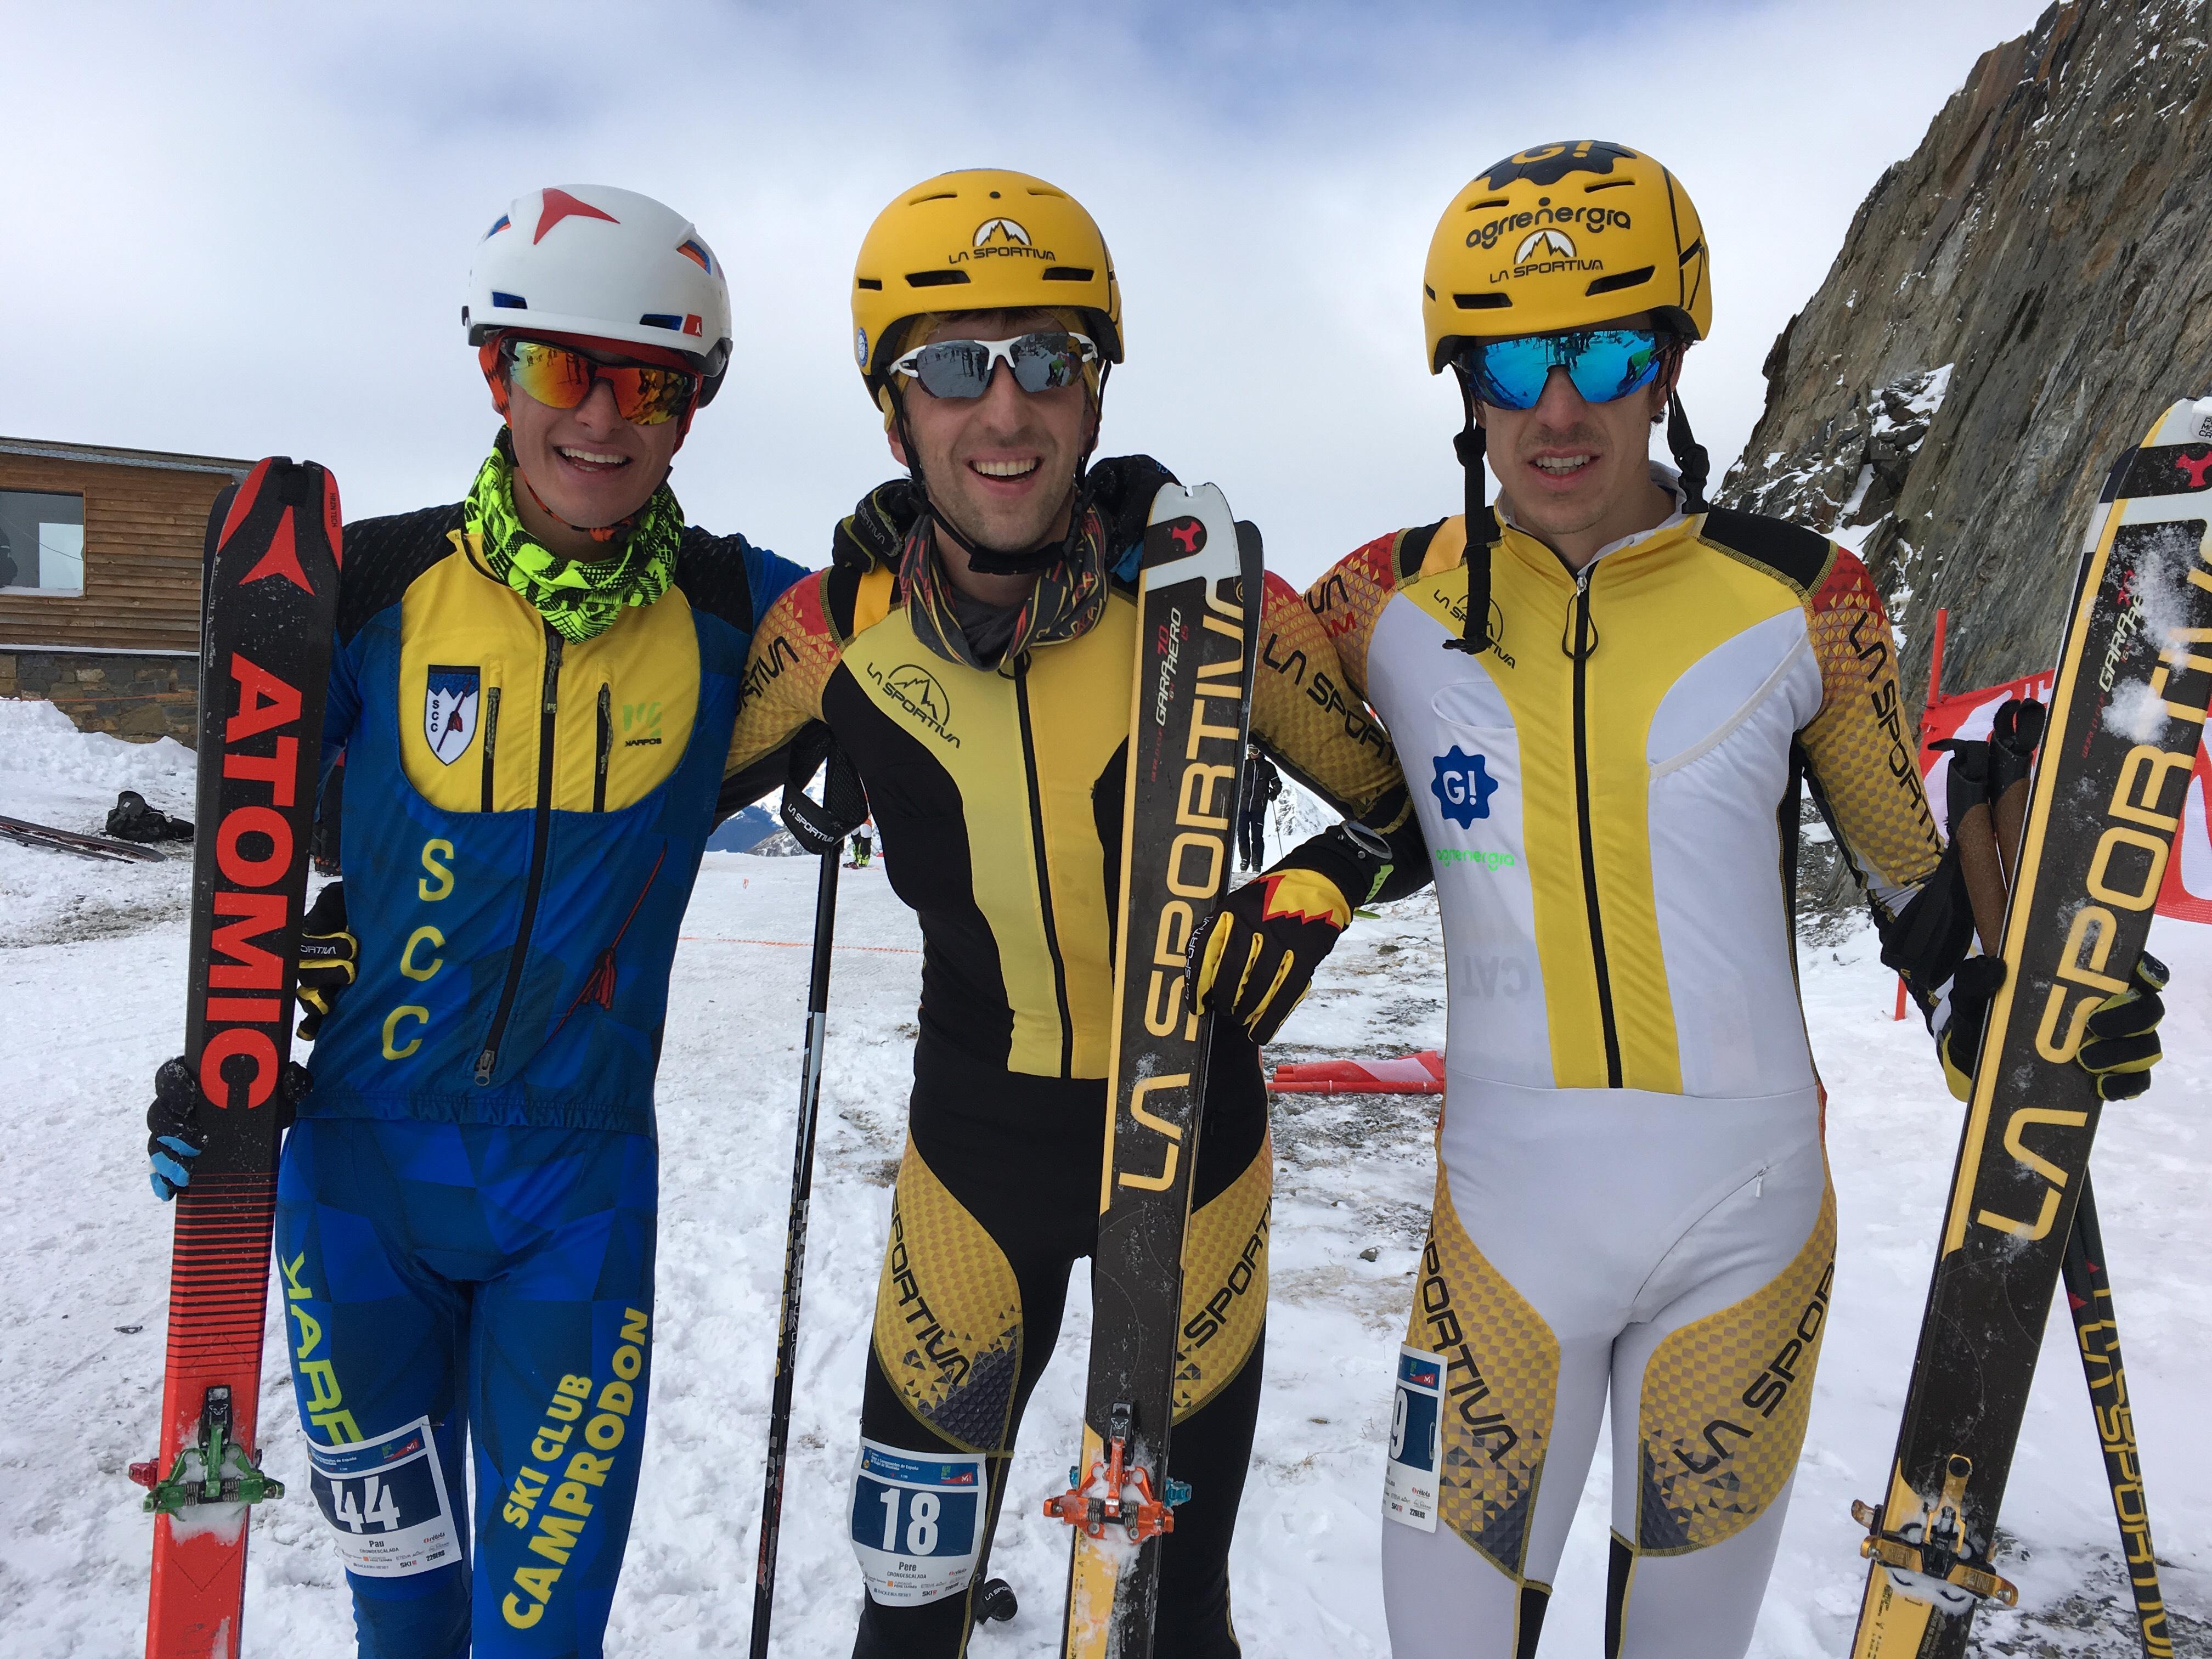 Esquí de Montaña: COPA DE ESPAÑA FEDME EN BAQUEIRA BERET. Campeones Vertical Pere Rullán y Ana Alonso. Crónica, resultados y fotos